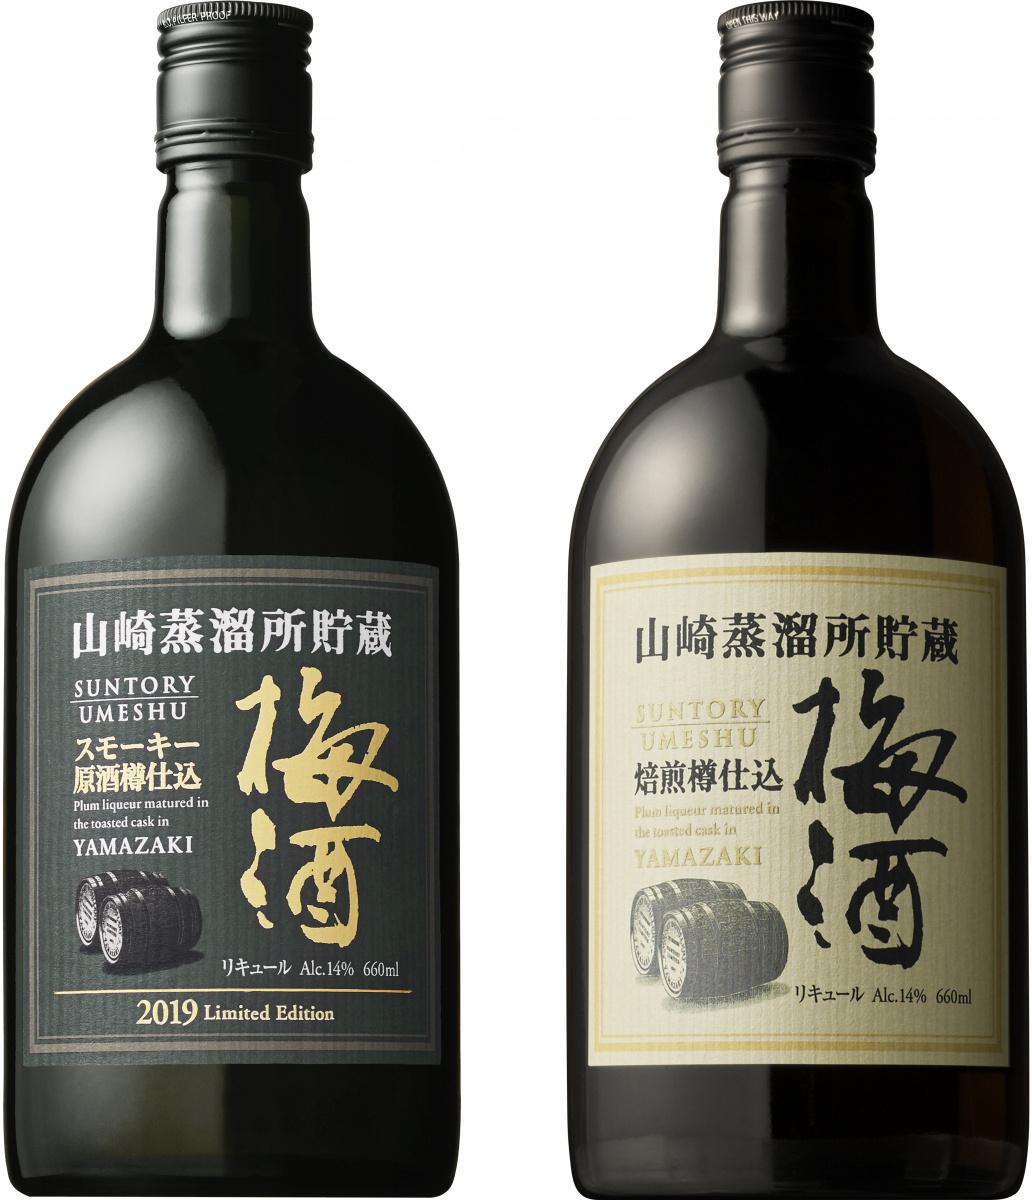 「山崎梅酒」シリーズを特別に愉しめる、フェアも開催。